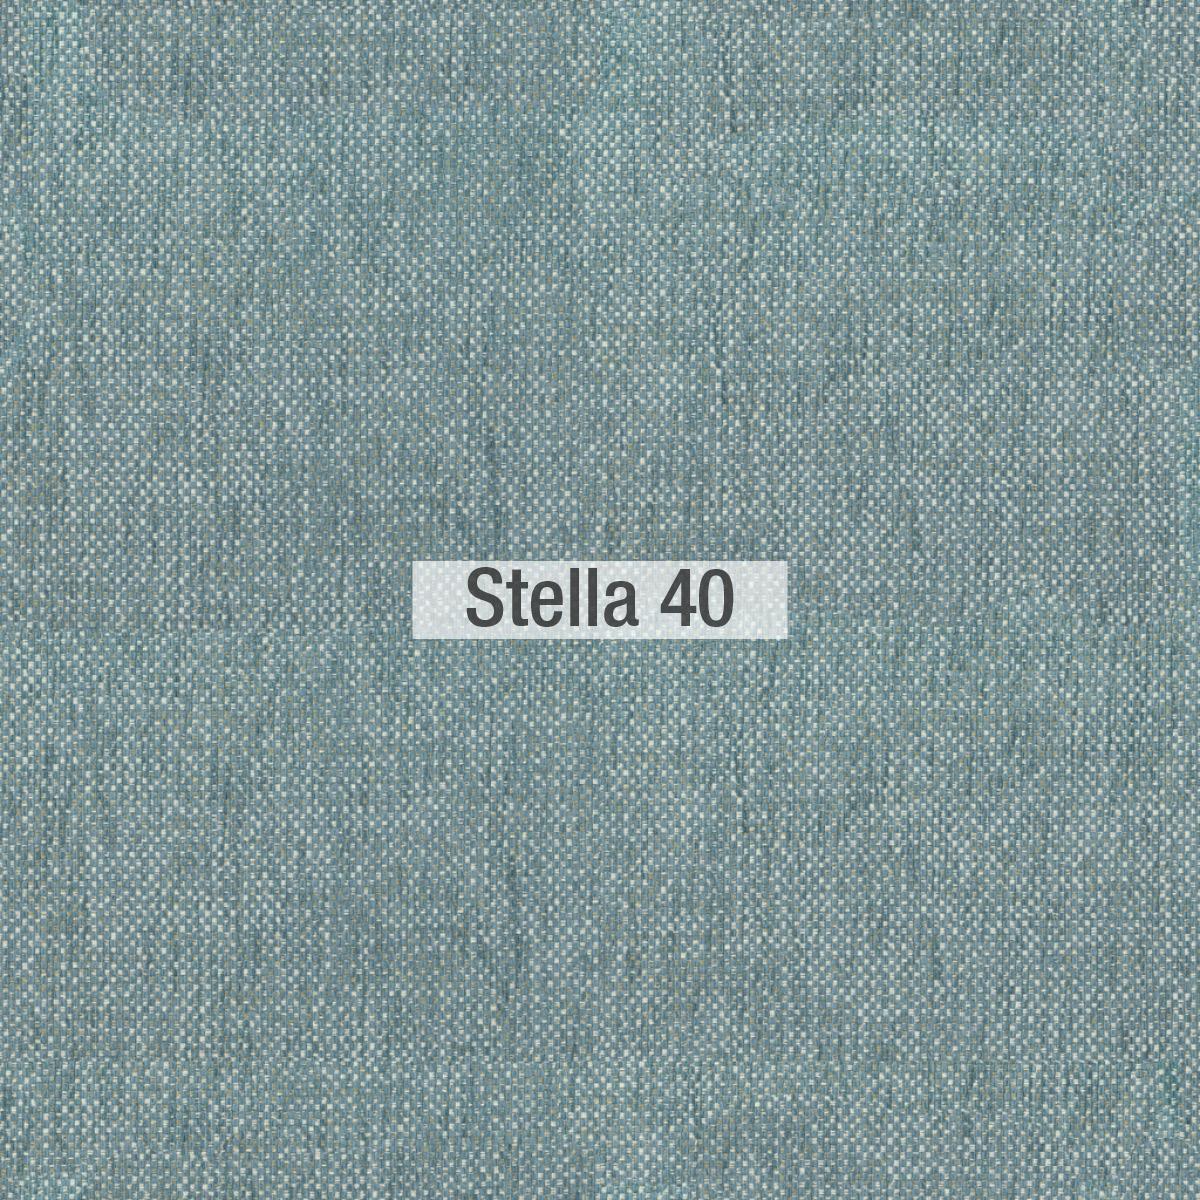 Colores Stella-Dots tela Fama 2020 06